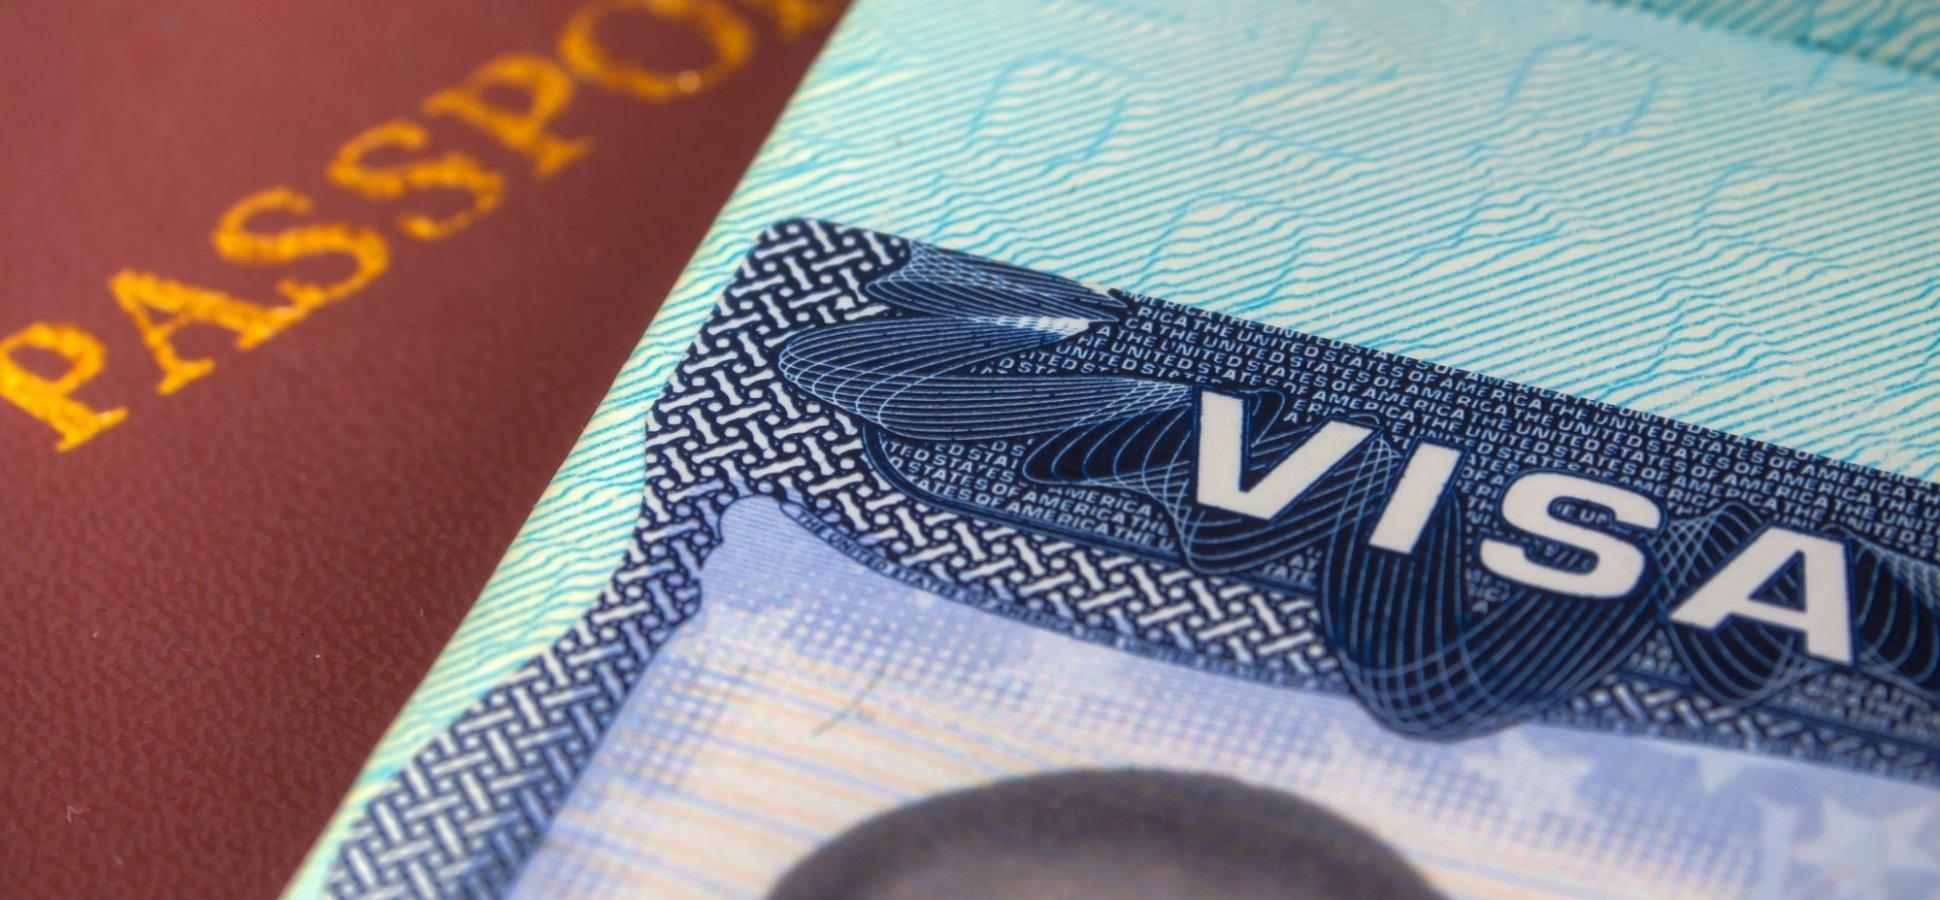 Why You Can't Expedite H-1B Visas Until 2019 | Inc com